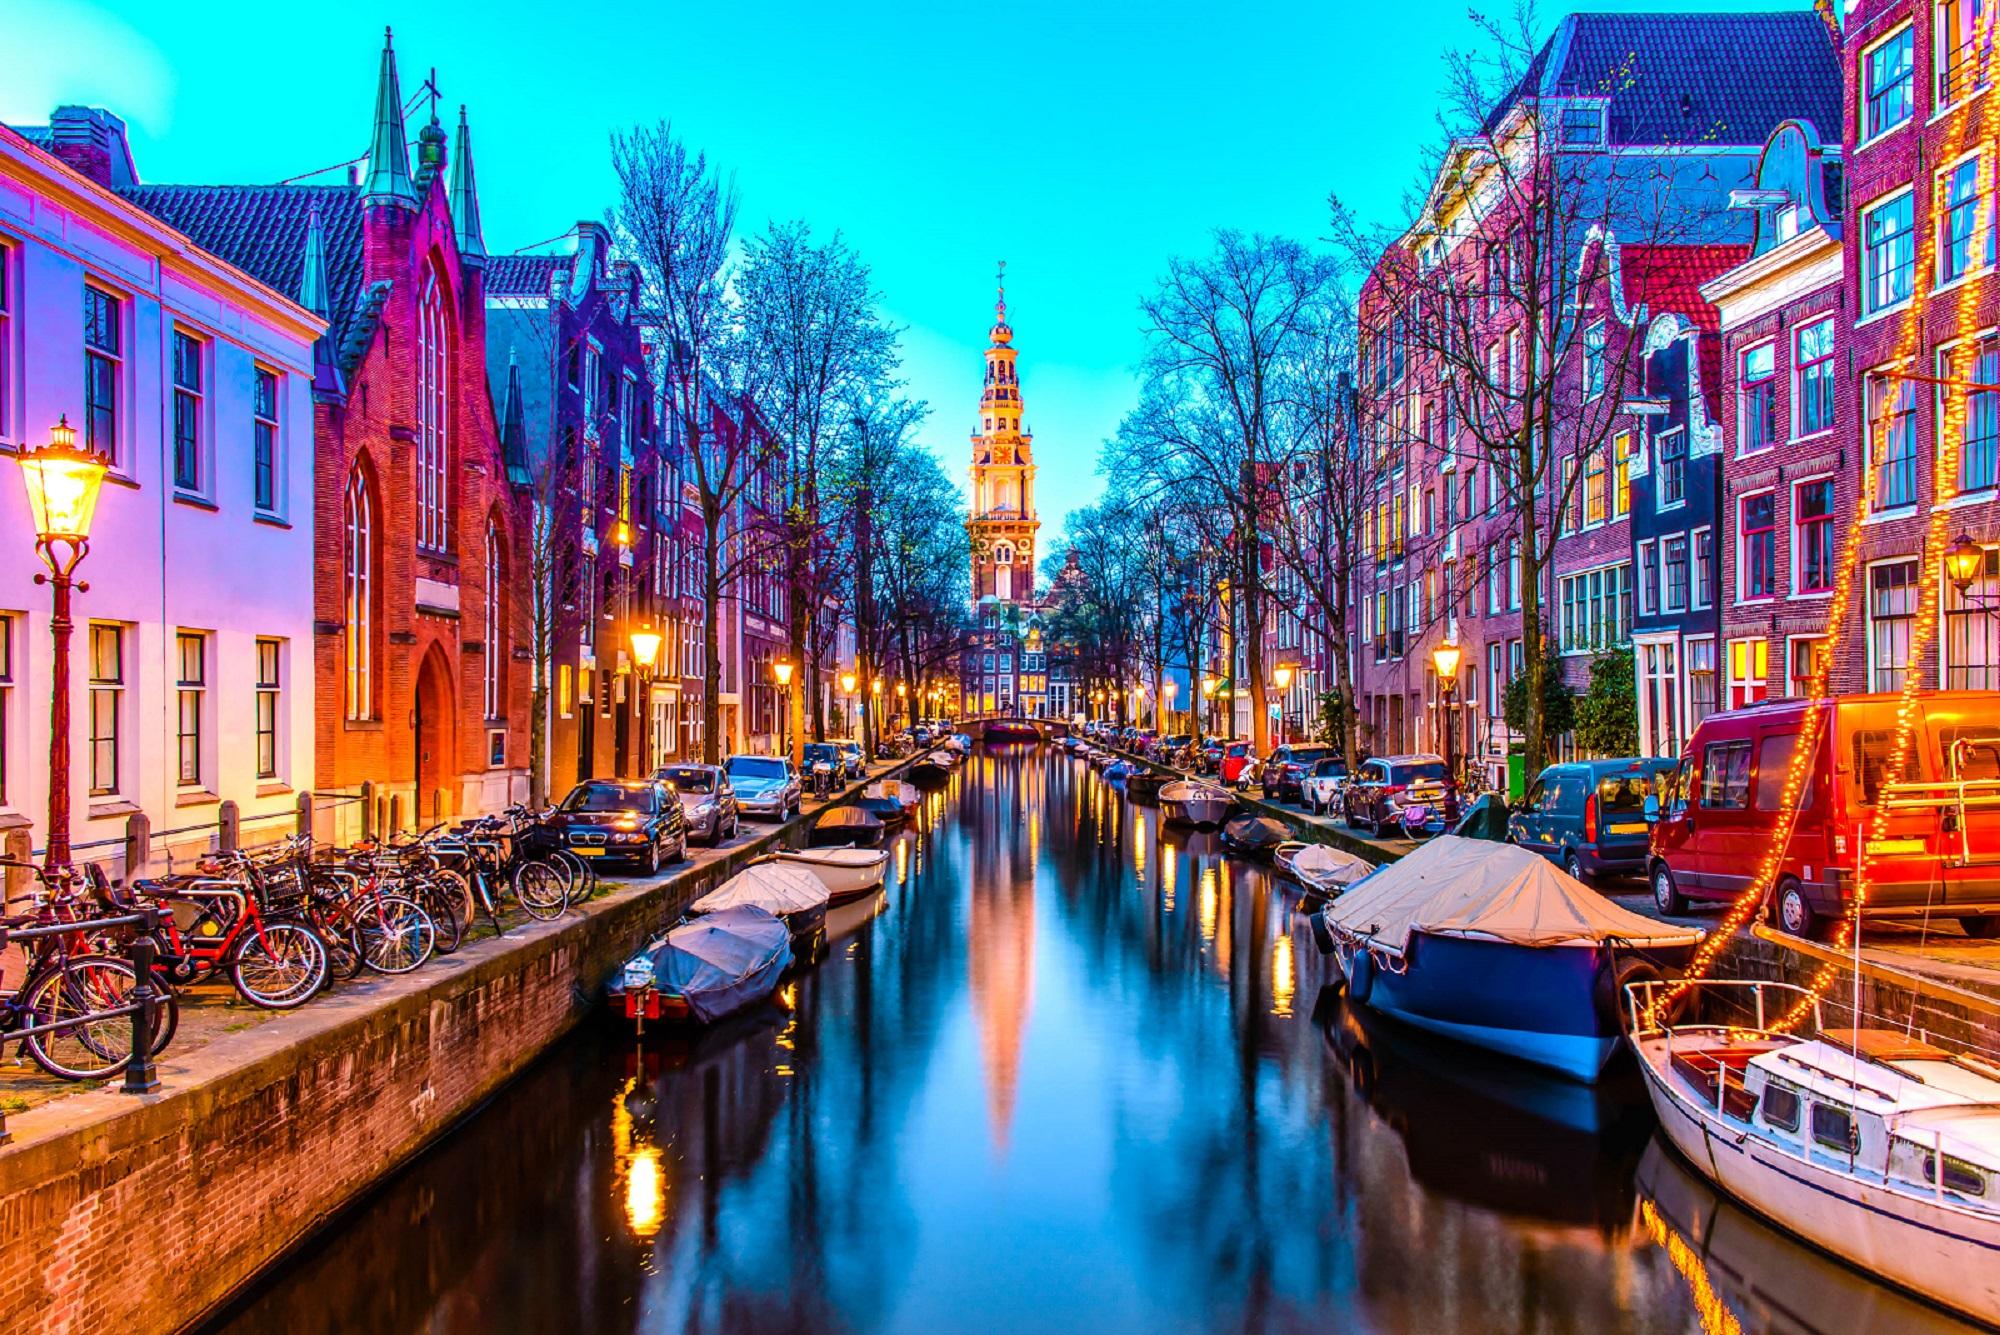 Night view of Zuiderkerk in Amsterdam, The Netherlands.